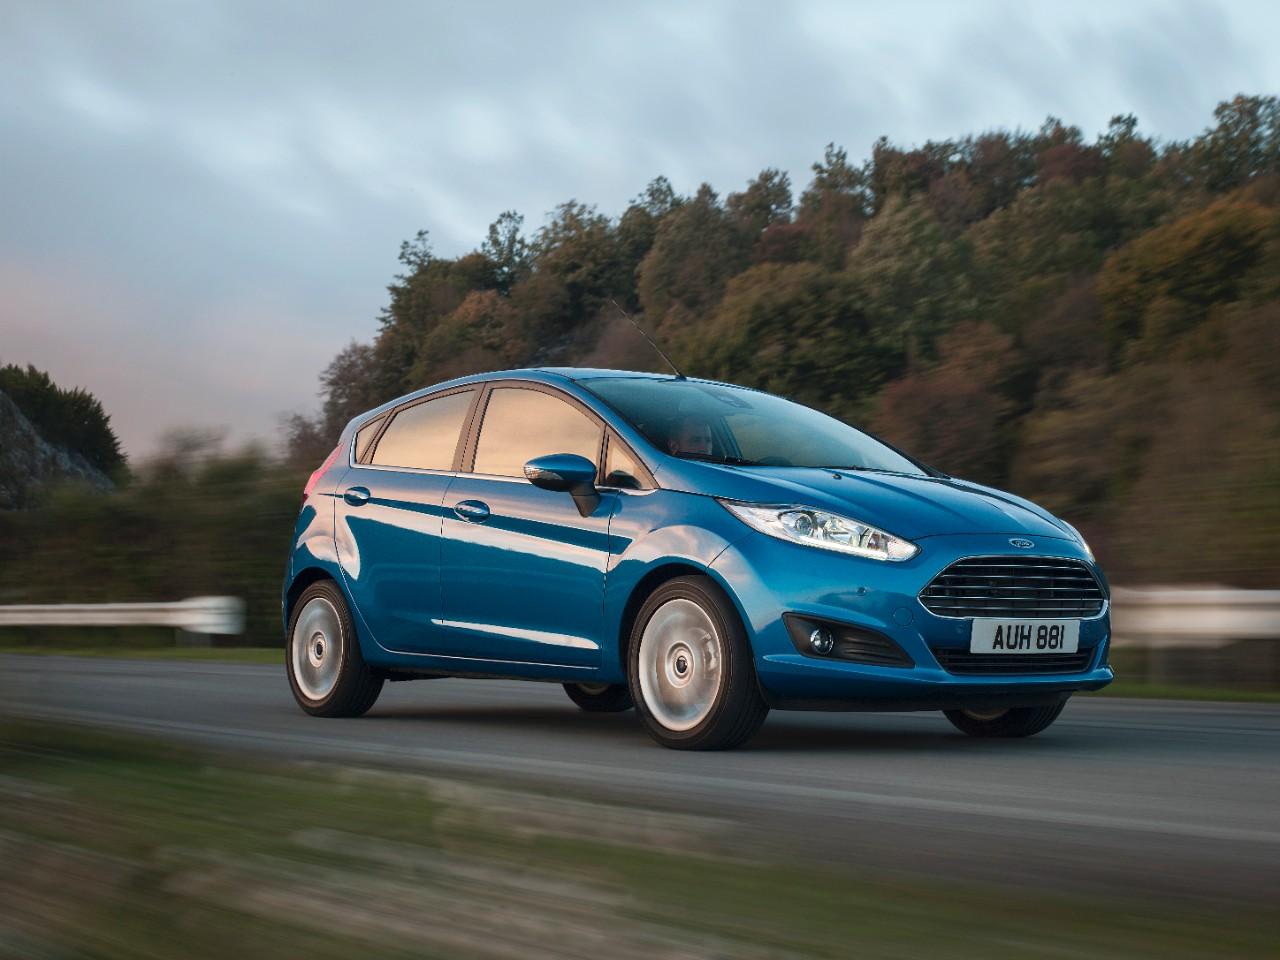 Ftd-New-Ford-Fiesta-14 (1)